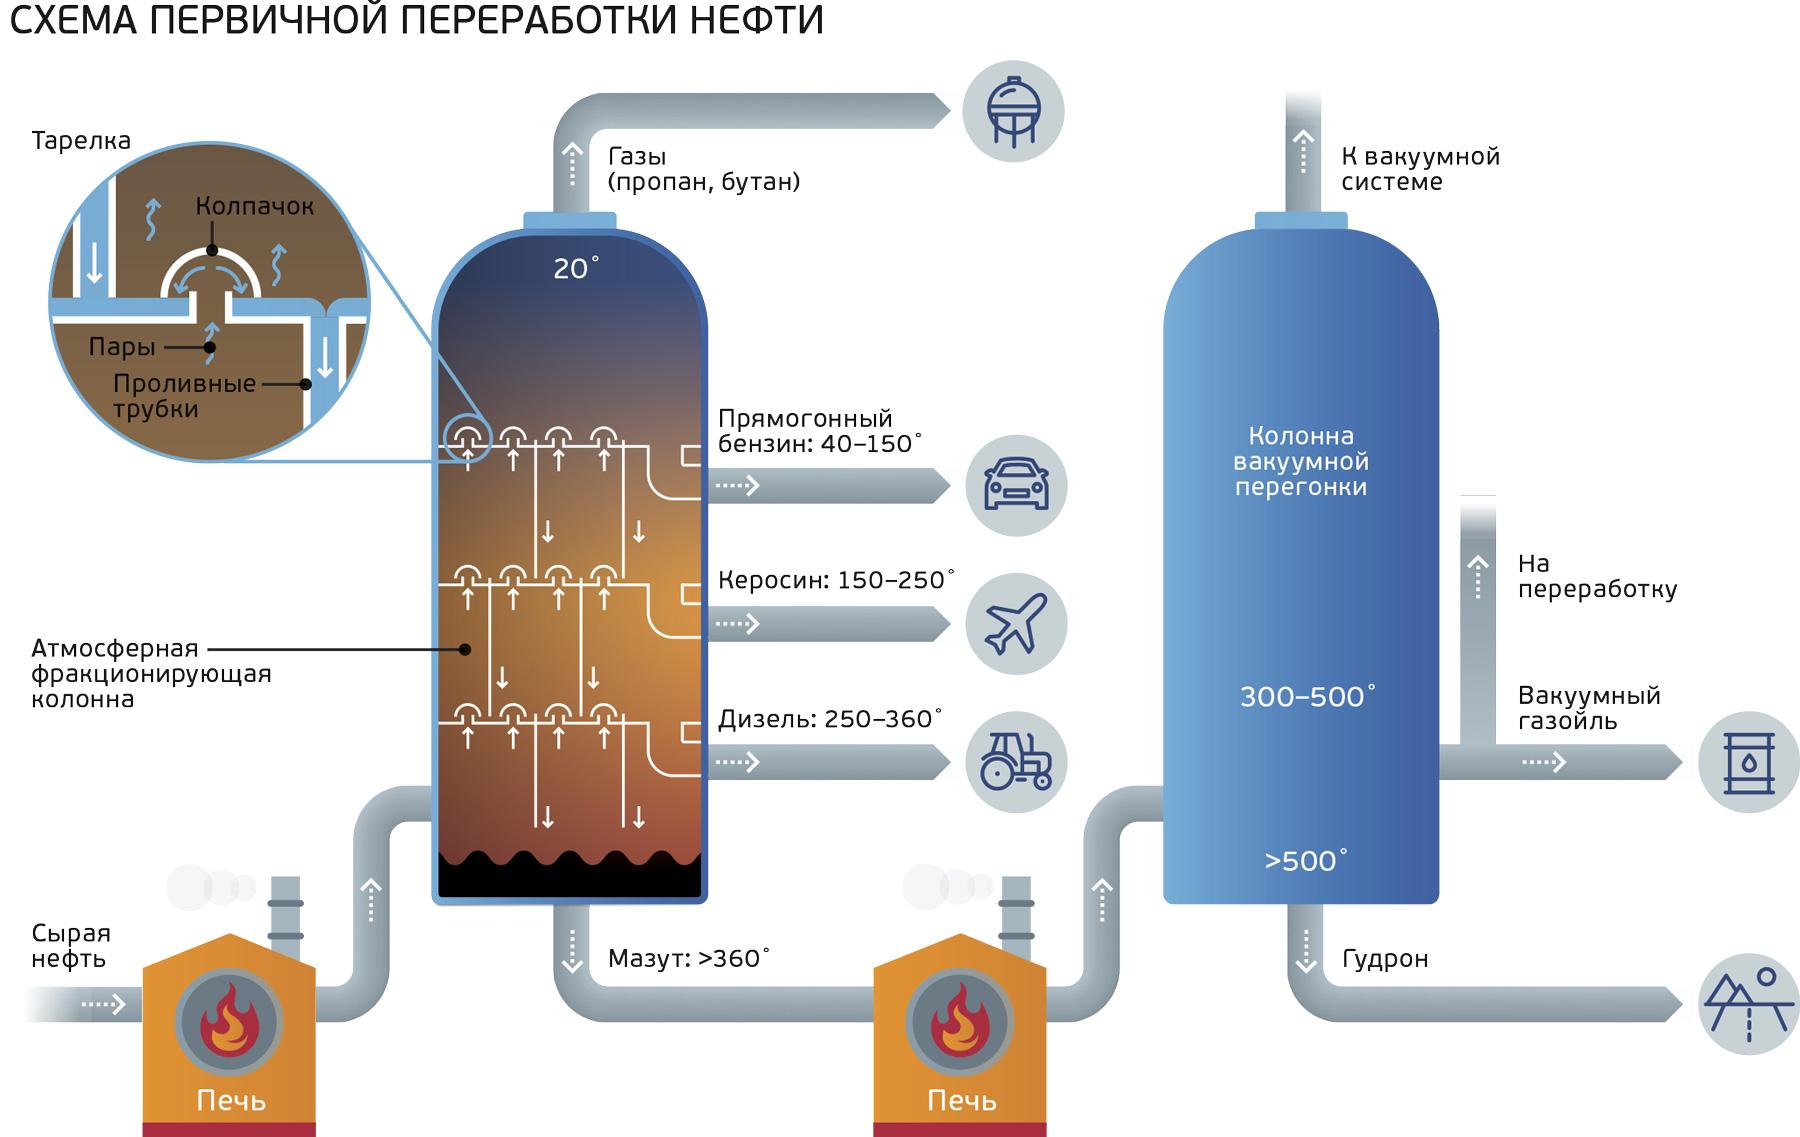 схема первичной переработки нефти - ректификационные колонны для перегонки нефти